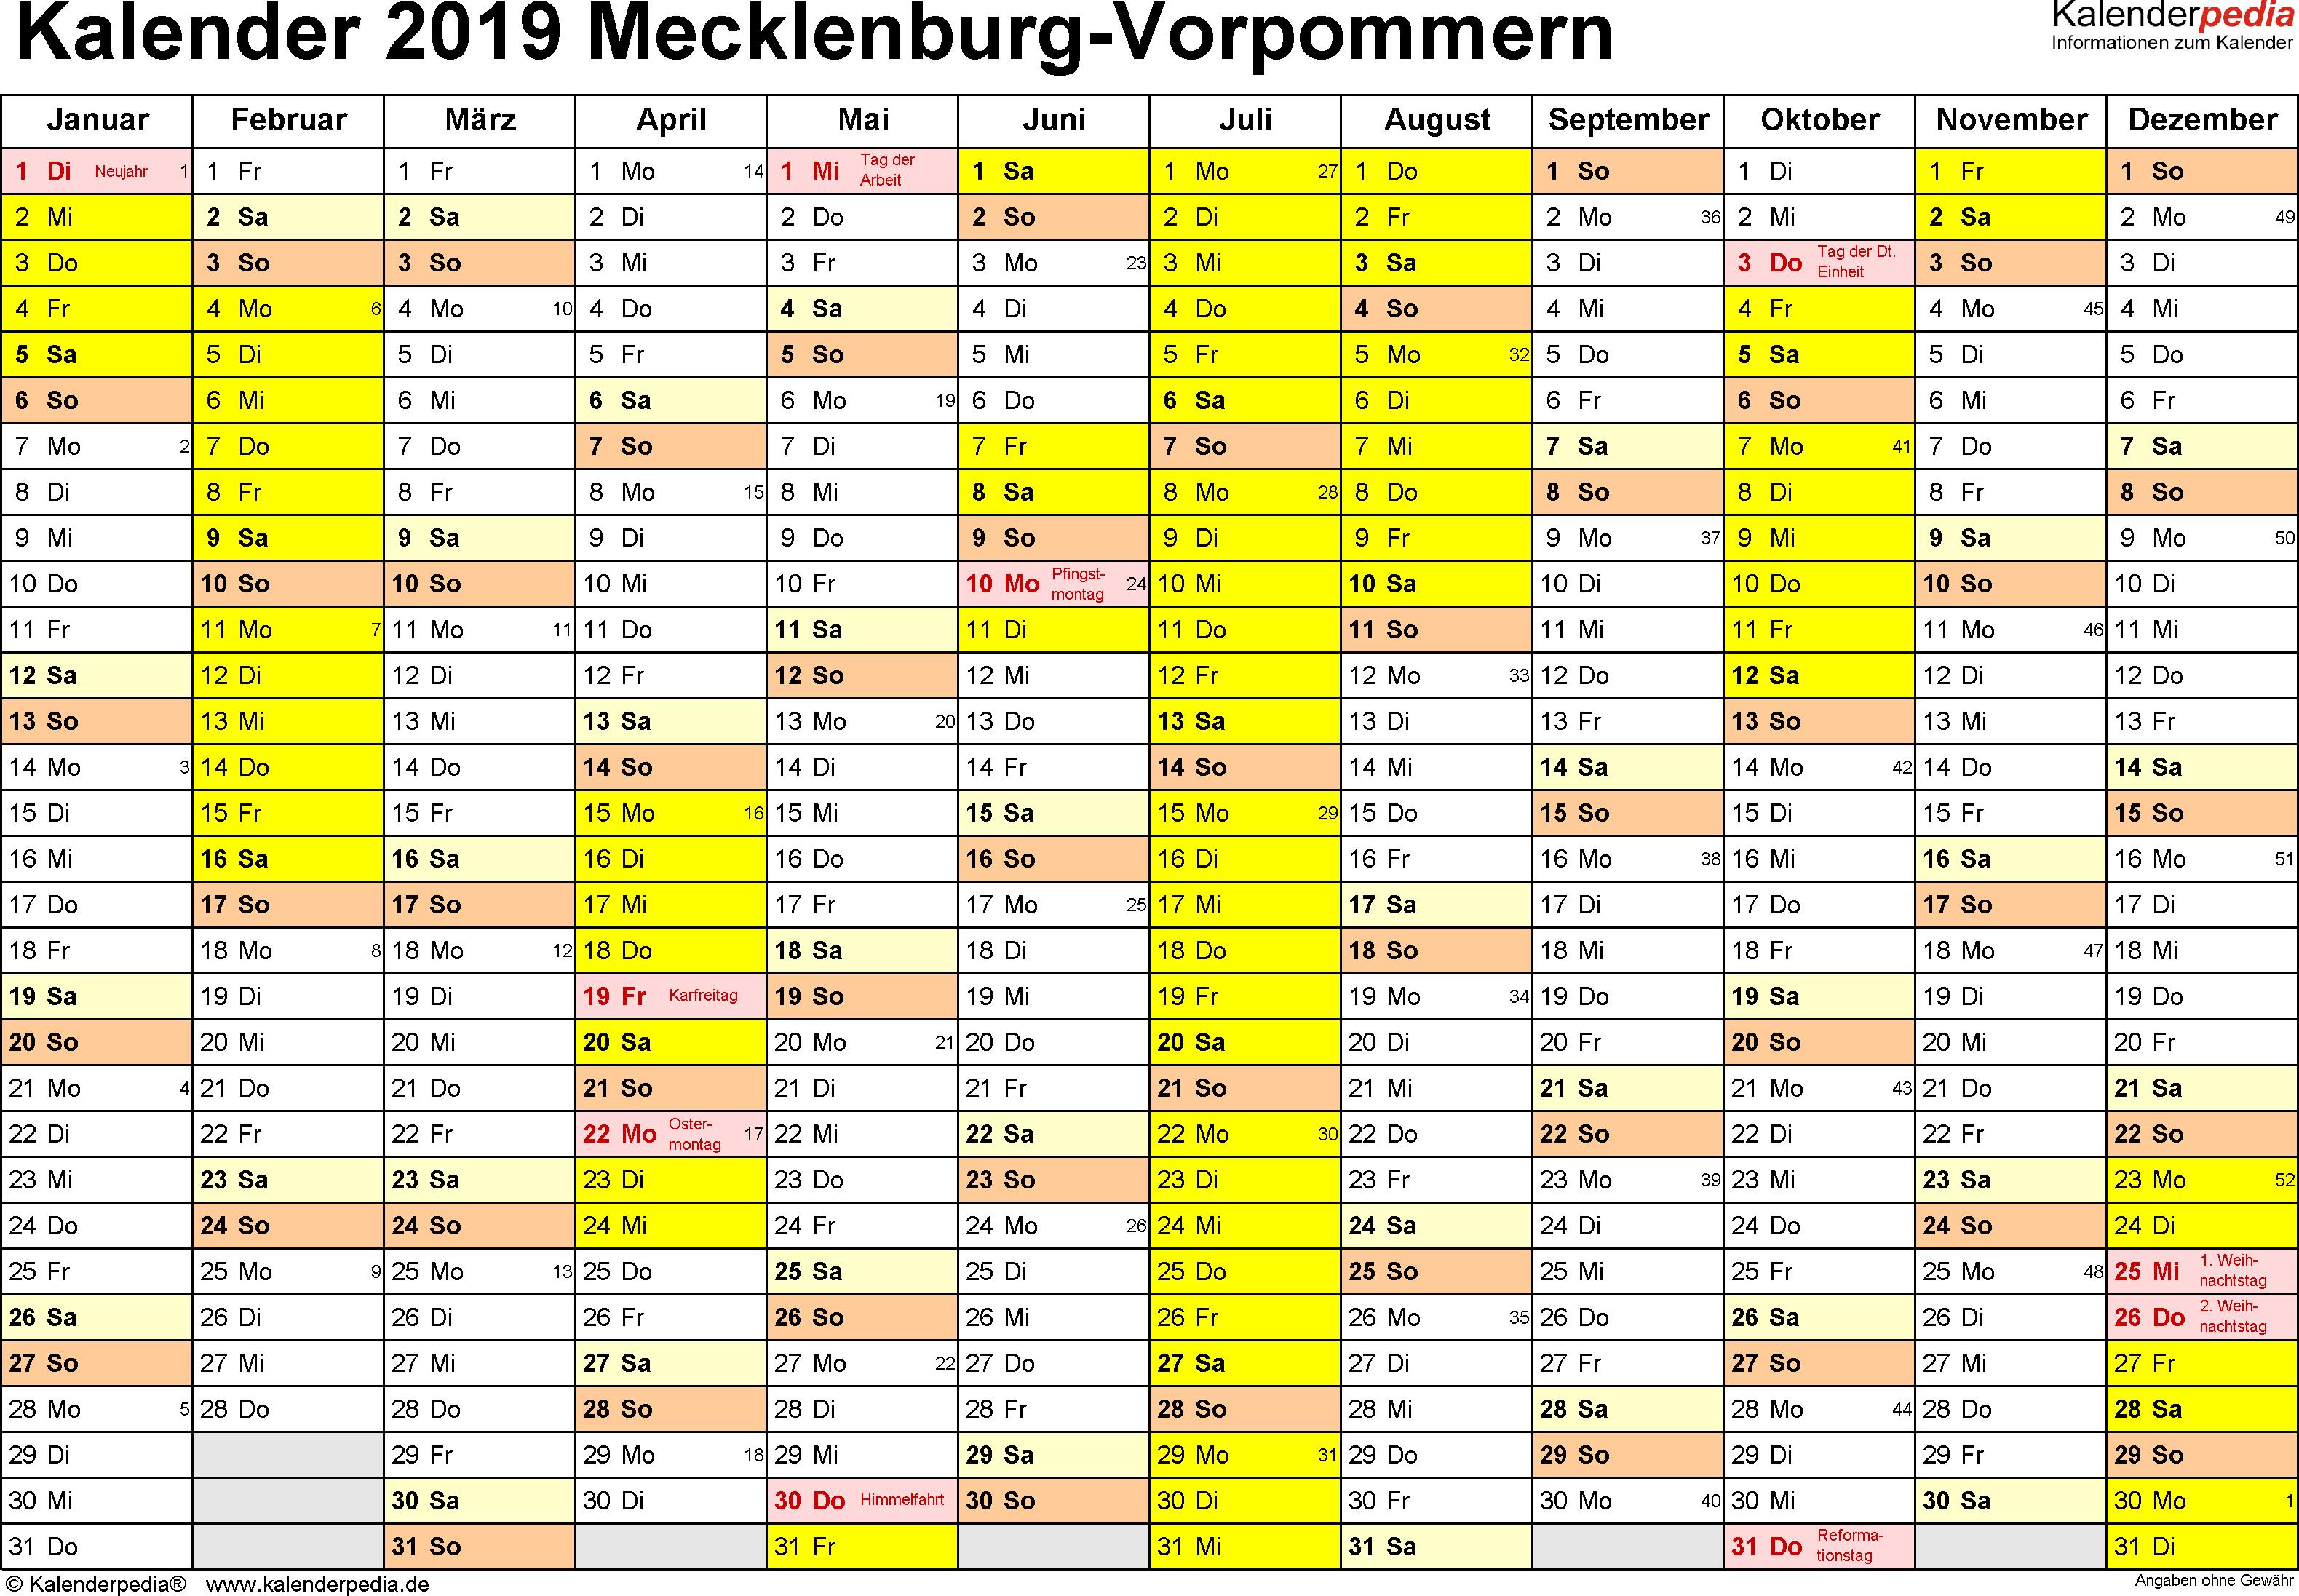 Vorlage 1: Kalender 2019 für Mecklenburg-Vorpommern als Excel-Vorlage (Querformat, 1 Seite)